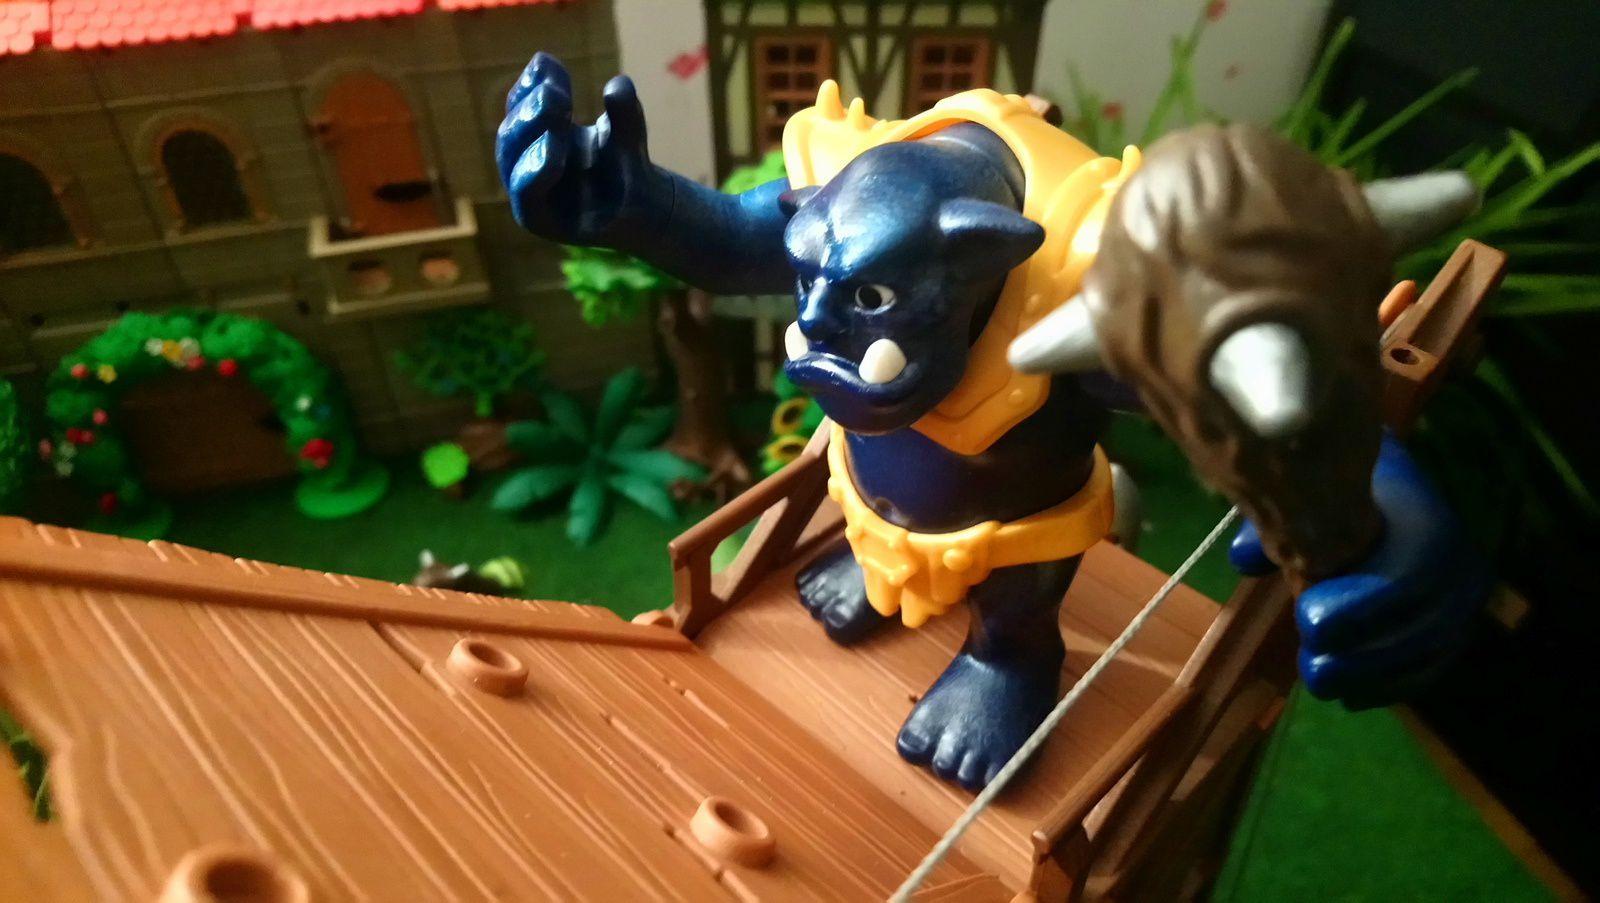 Les nains ont sorti les machines de guerre: alors que le roi des nains sonne le signal de l'attaque, un troll est prêt à prendre la tour d'assaut.